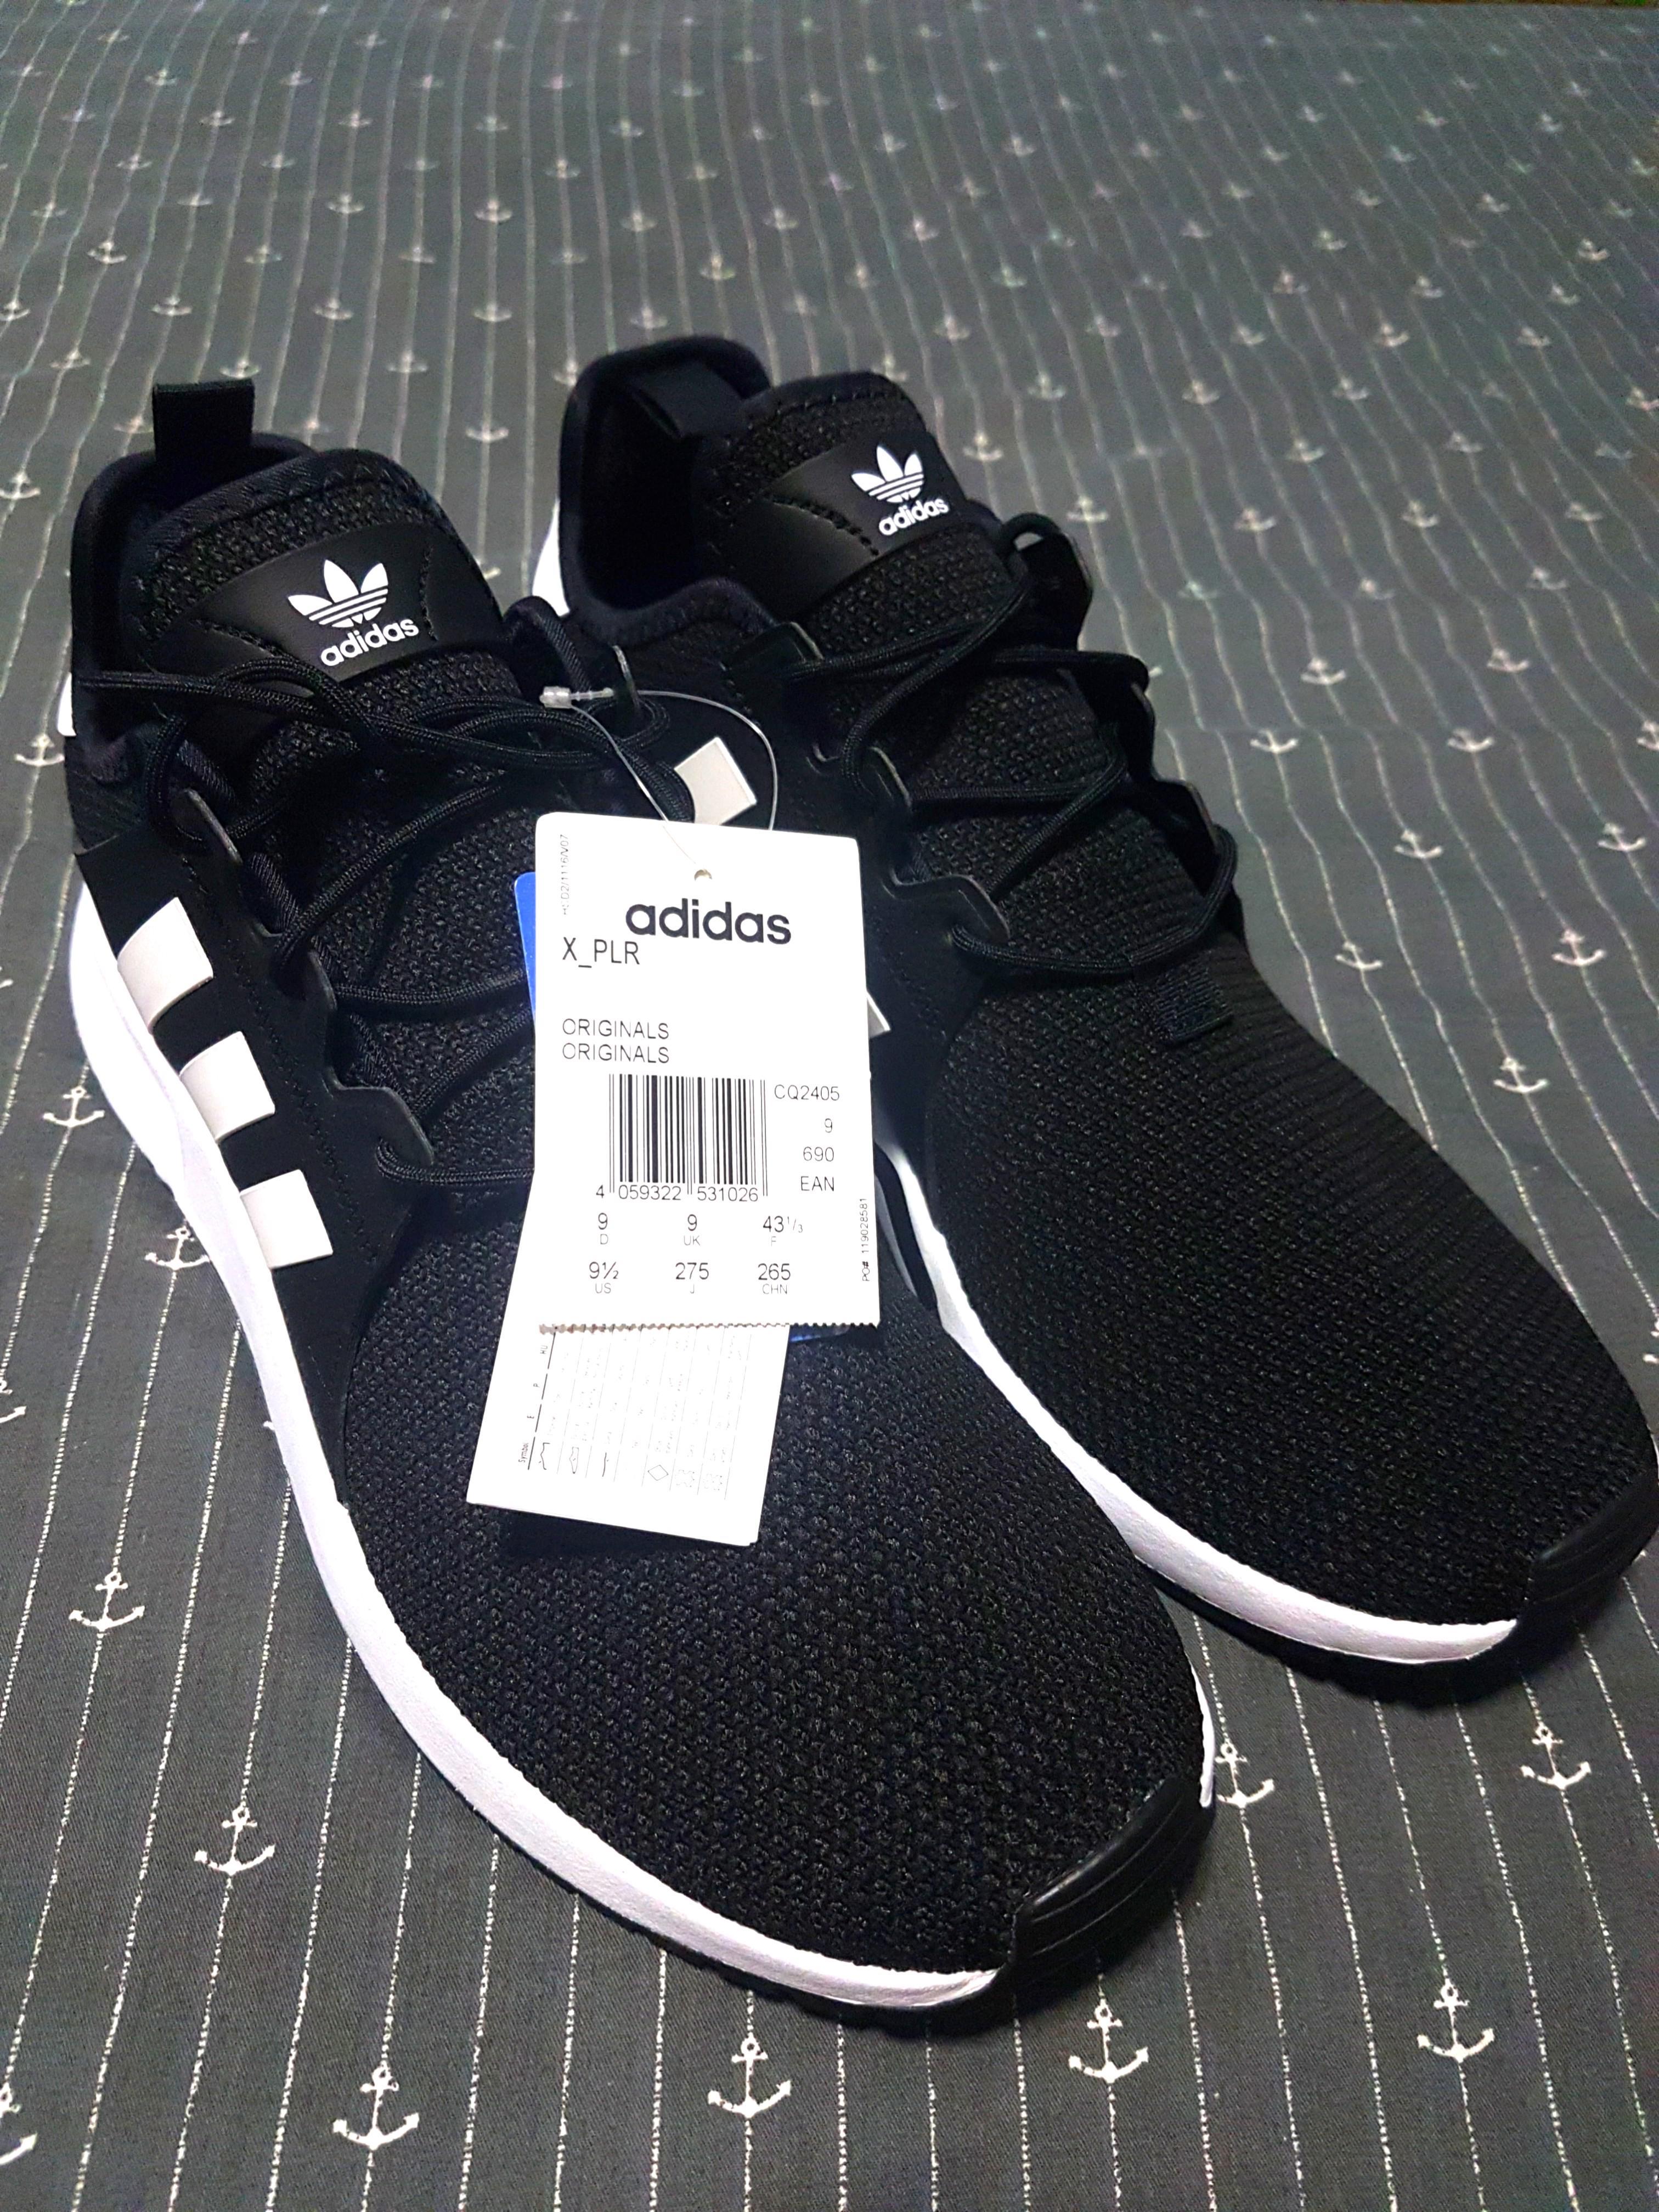 Adidas Originals X_PLR CORE BLACK, Men